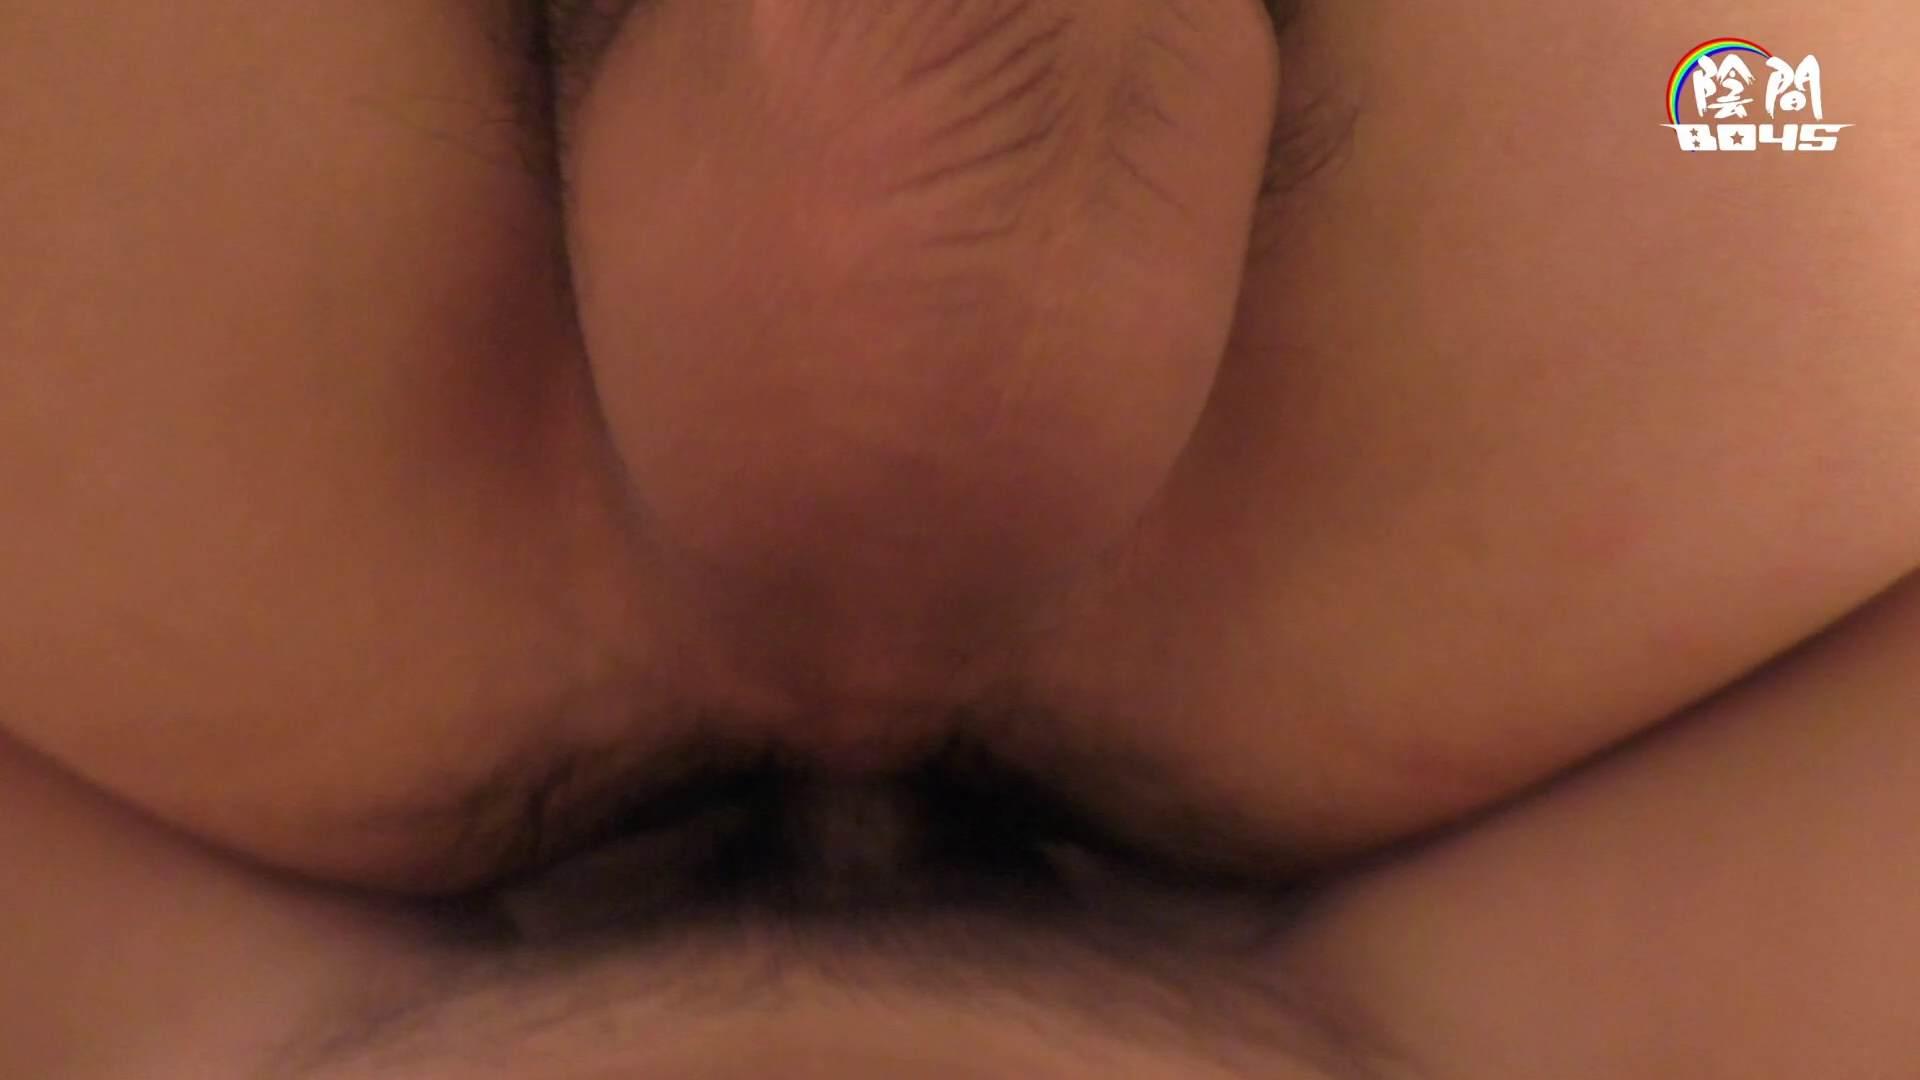 「君のアナルは」part2 ~ノンケの素顔~ Vol.08 流出 ゲイフェラチオ画像 104枚 87